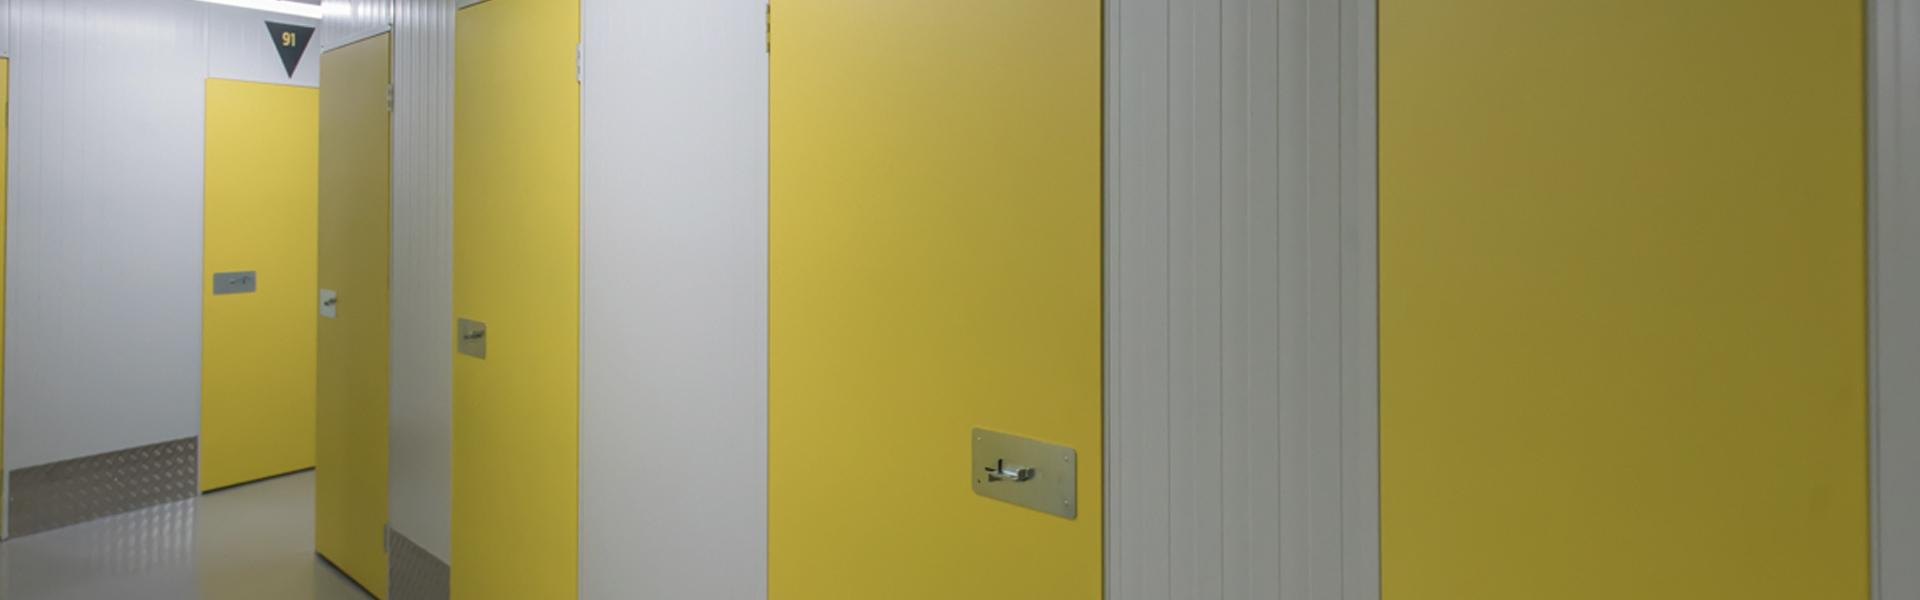 iboox - Tu espacio de almacenaje en Sevilla